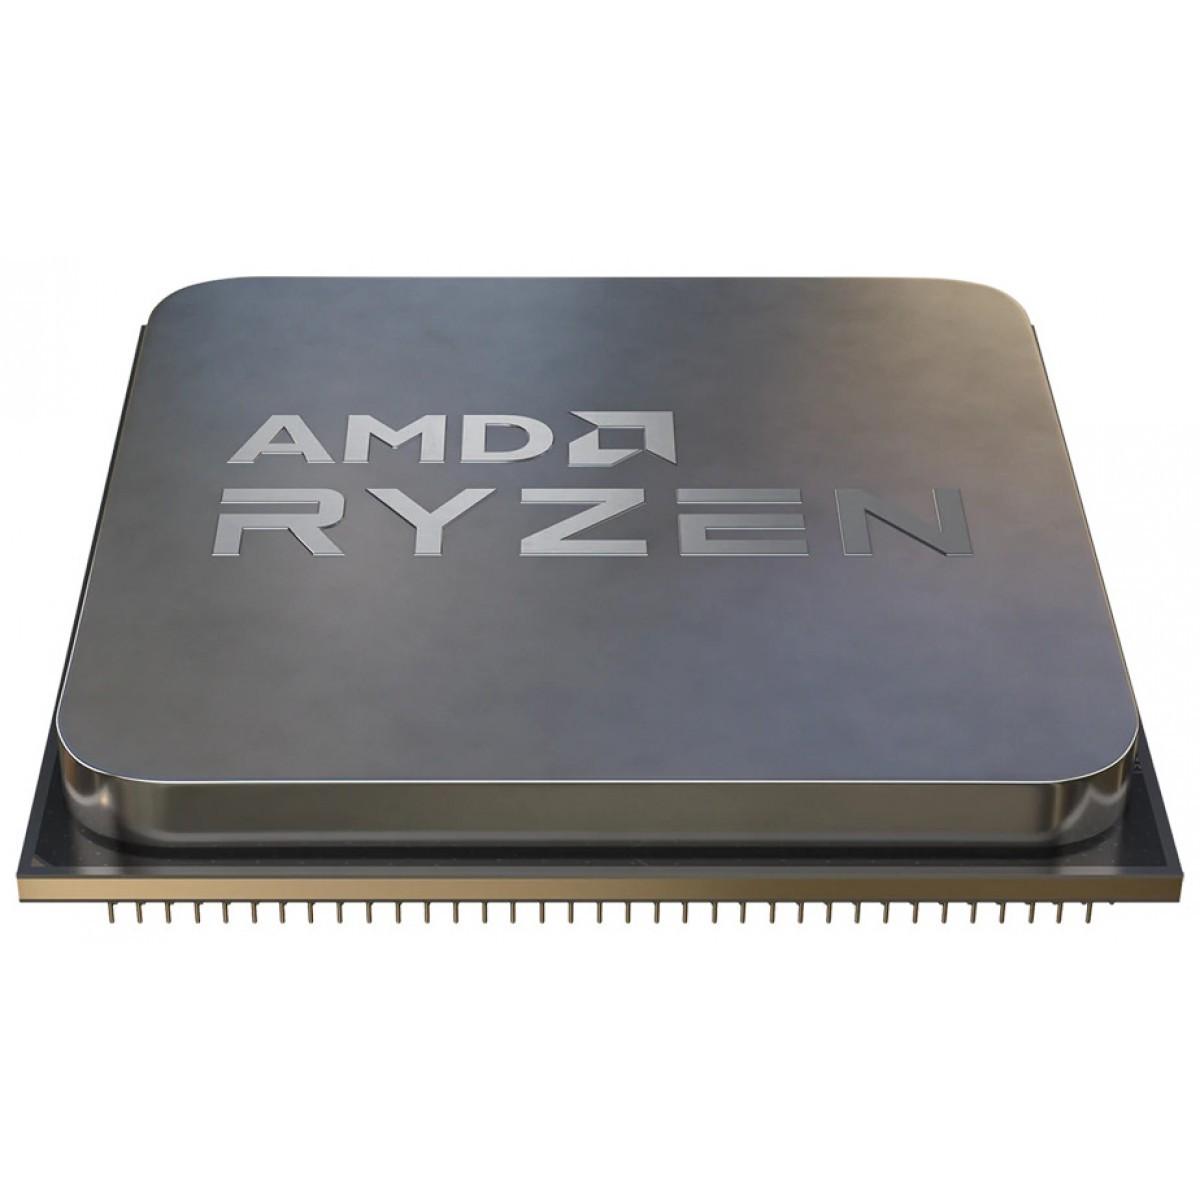 Processador AMD Ryzen 5 5600g 3.9GHz (4.4GHz Turbo) 6 Núcleos 12 Threads AM4 com vídeo integrado